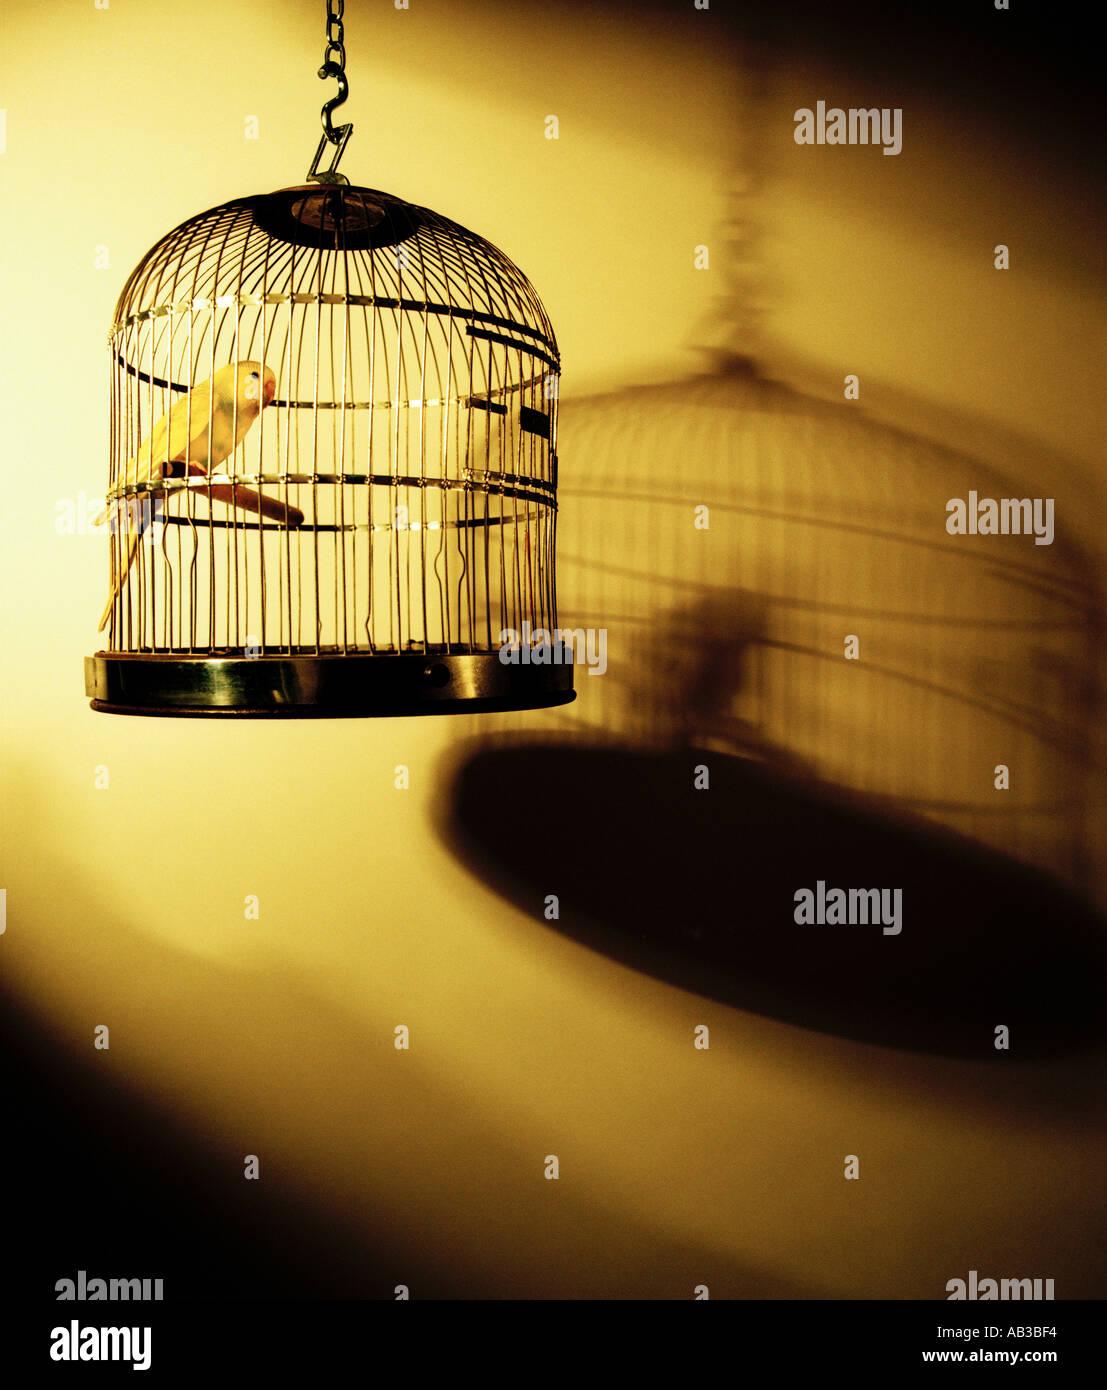 Wellensittich Vogel im Käfig Stockbild